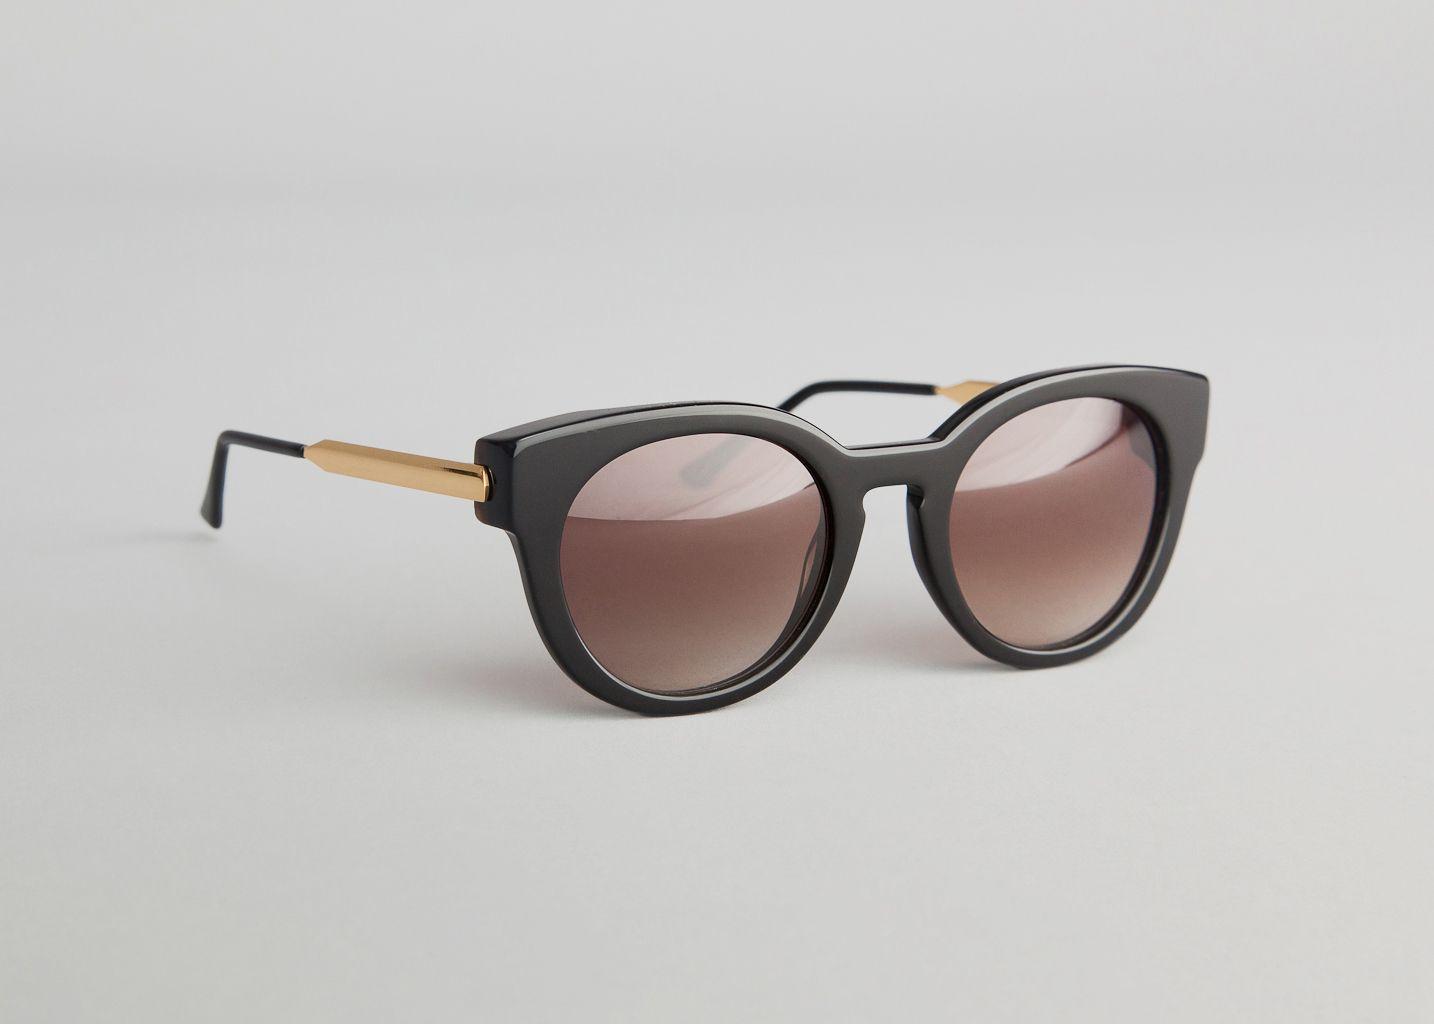 lunettes de soleil magnety thierry lasry noir en vente chez l 39 exception. Black Bedroom Furniture Sets. Home Design Ideas